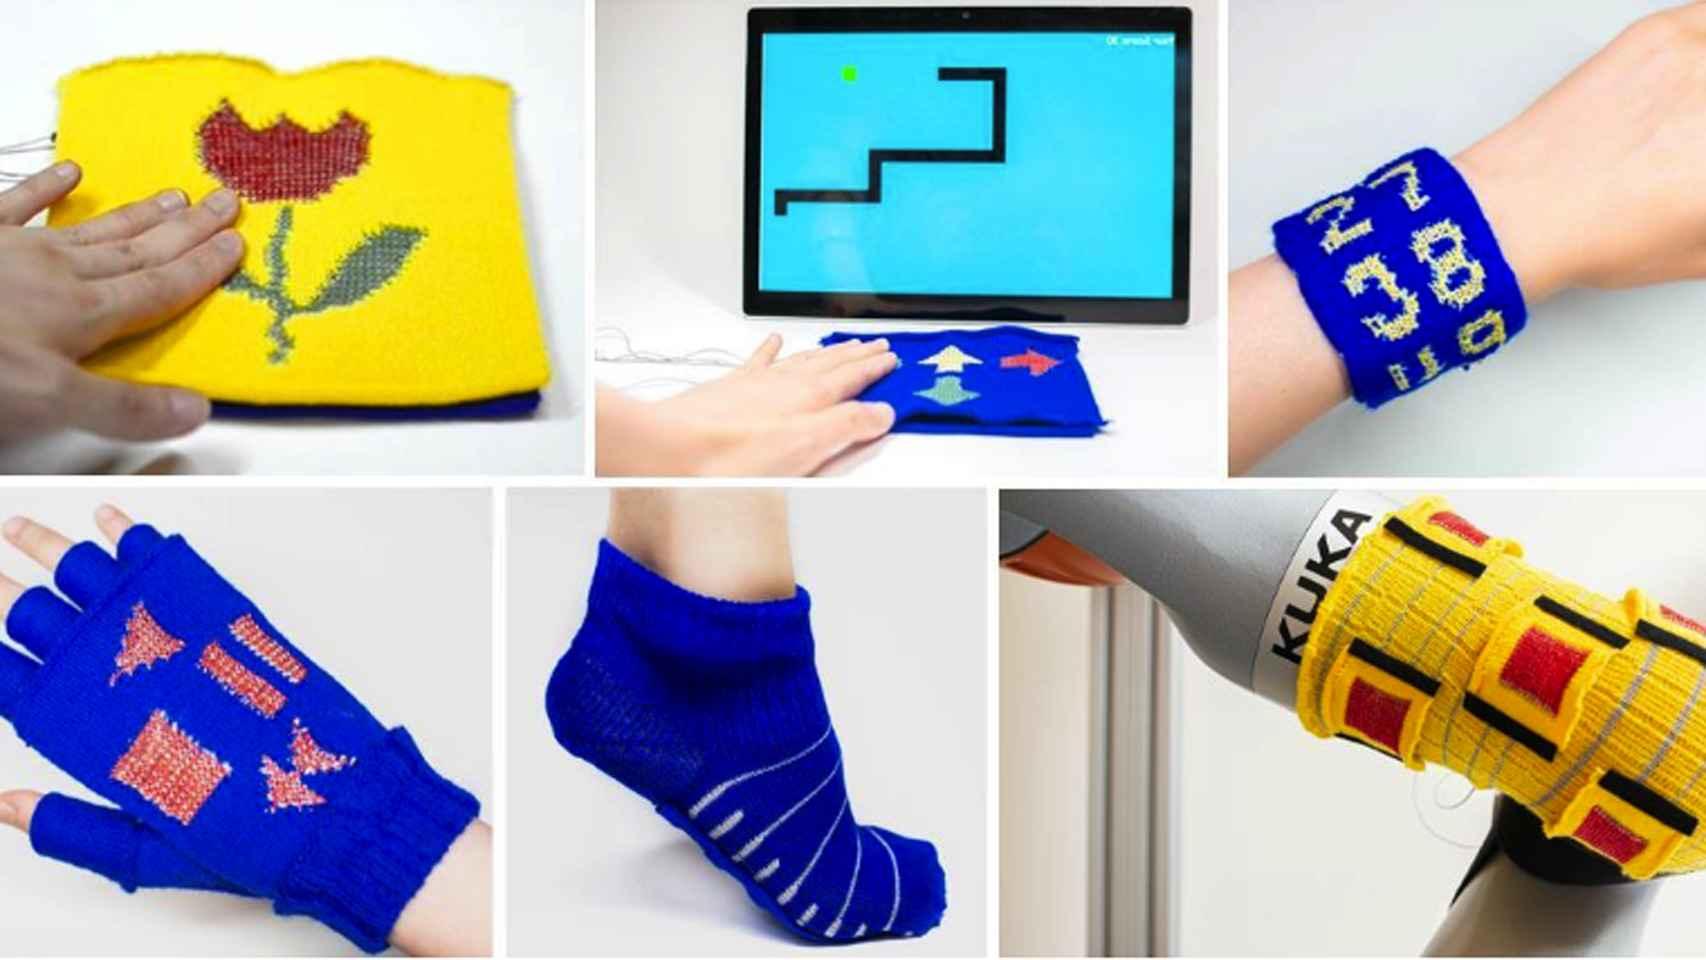 Ejemplos de aplicaciones de KnitUI: juguetes interactivos, controlador de juegos, muñequera con teclado numérico, guante controlador de música, calcetín sensible al tacto y piel táctil (de izquierda a derecha, de arriba a abajo).